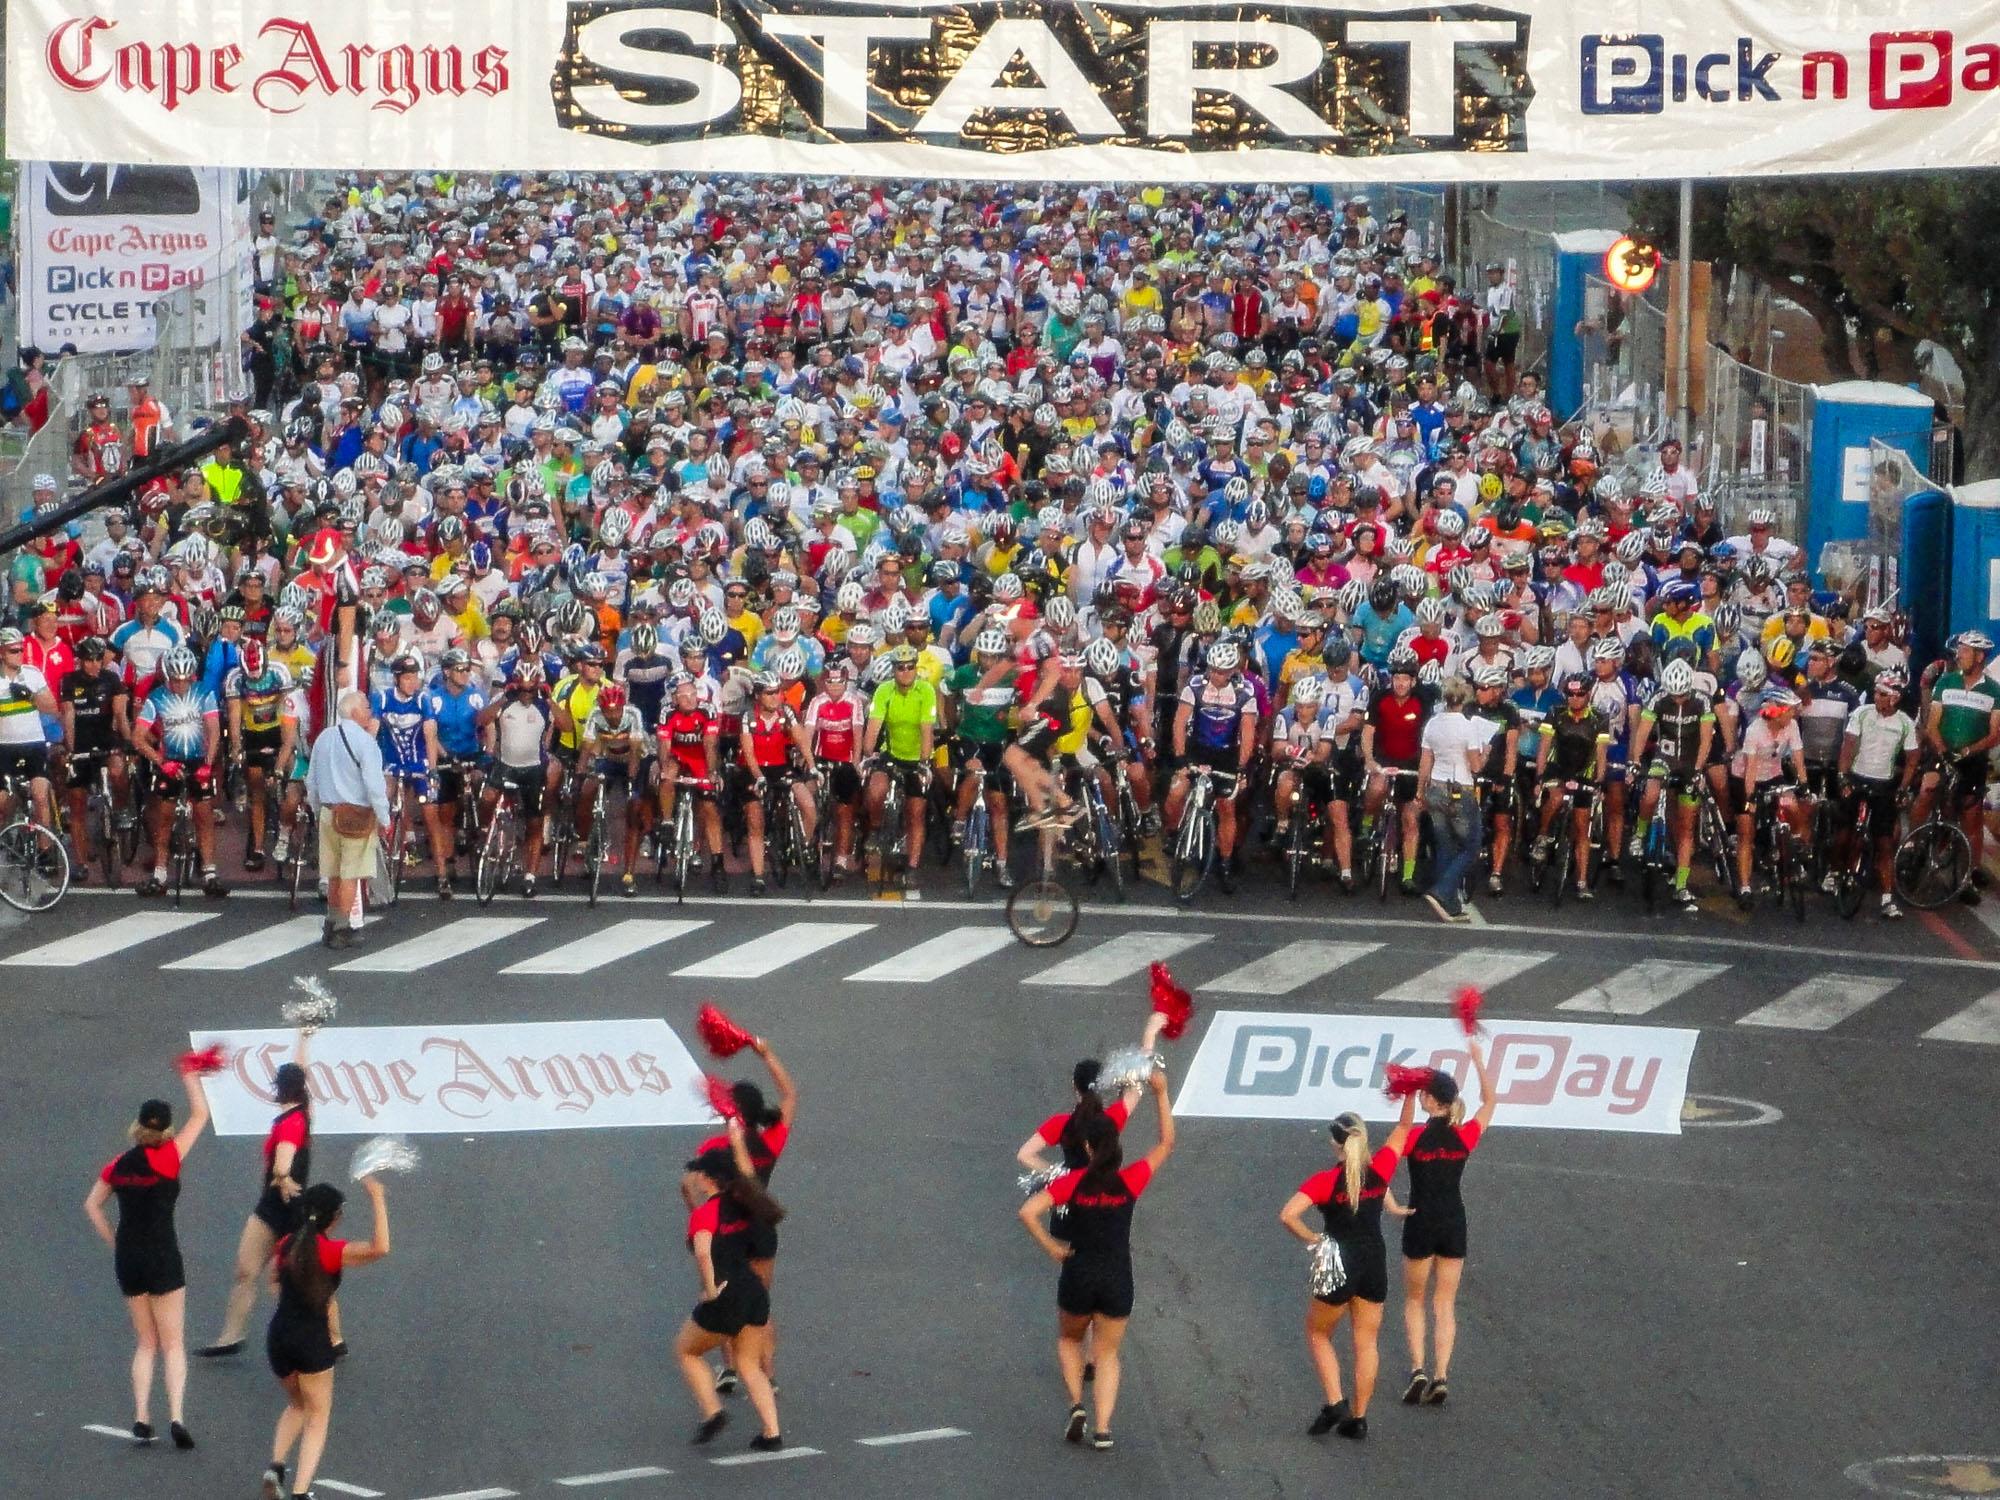 Unzählige Radfahrer stehen am Start der Cape Argus Cycle Tour